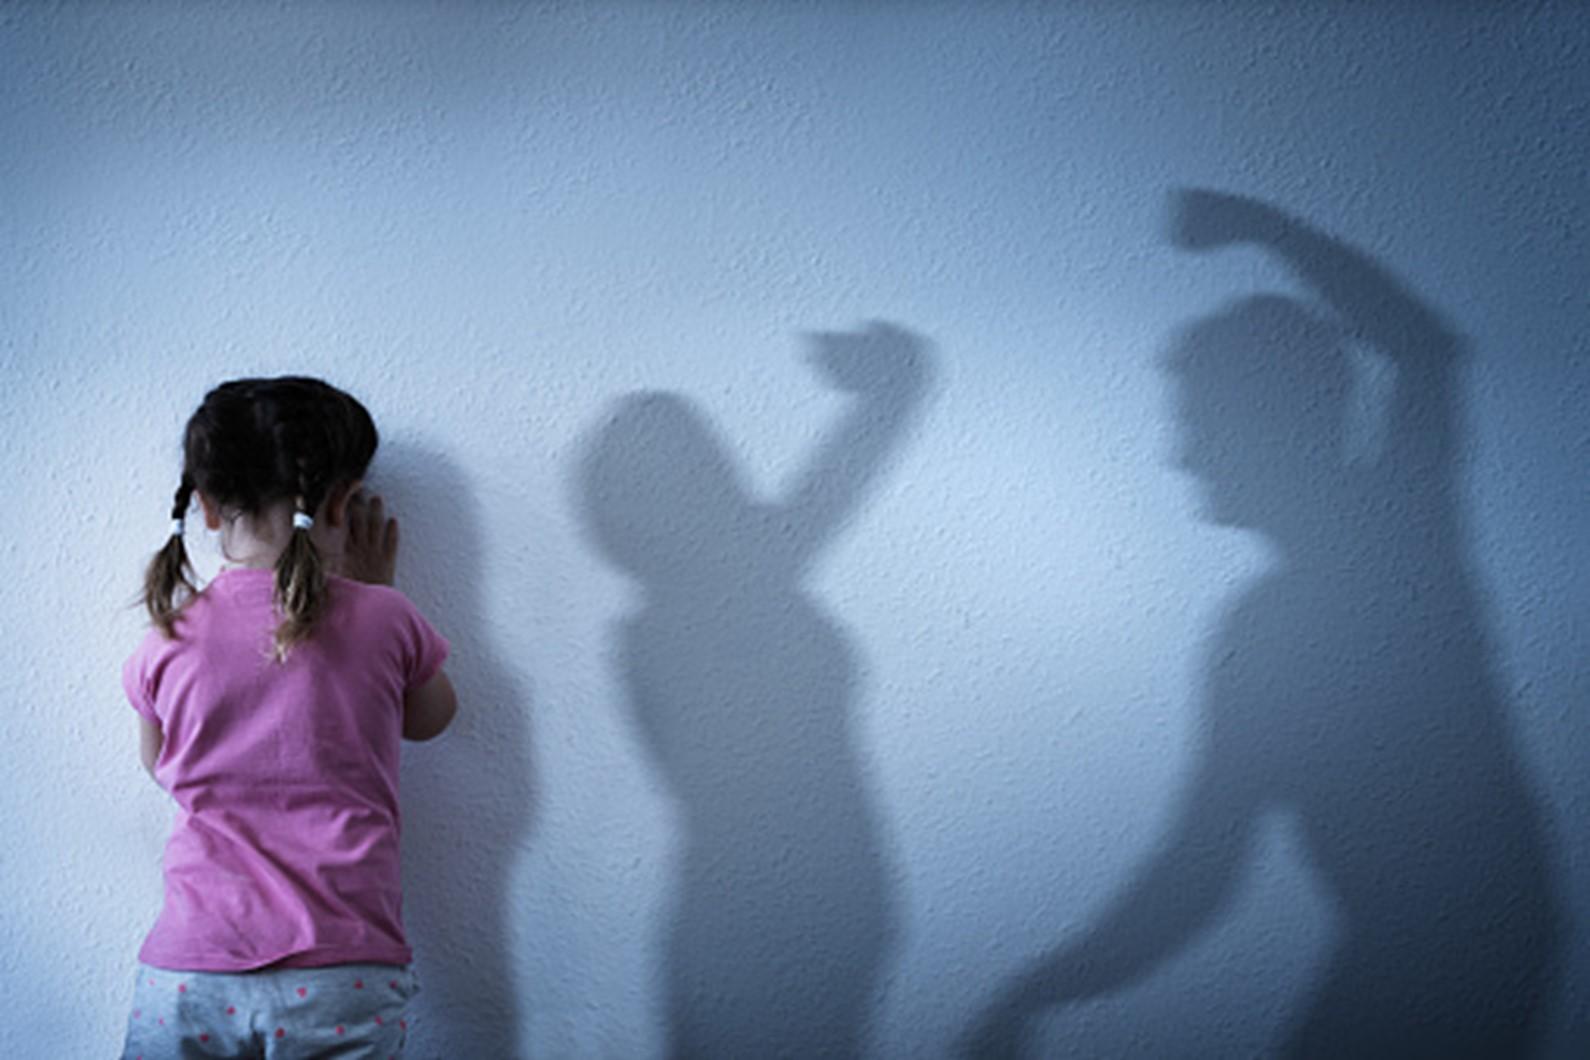 pomoc dla ofiar przemocy